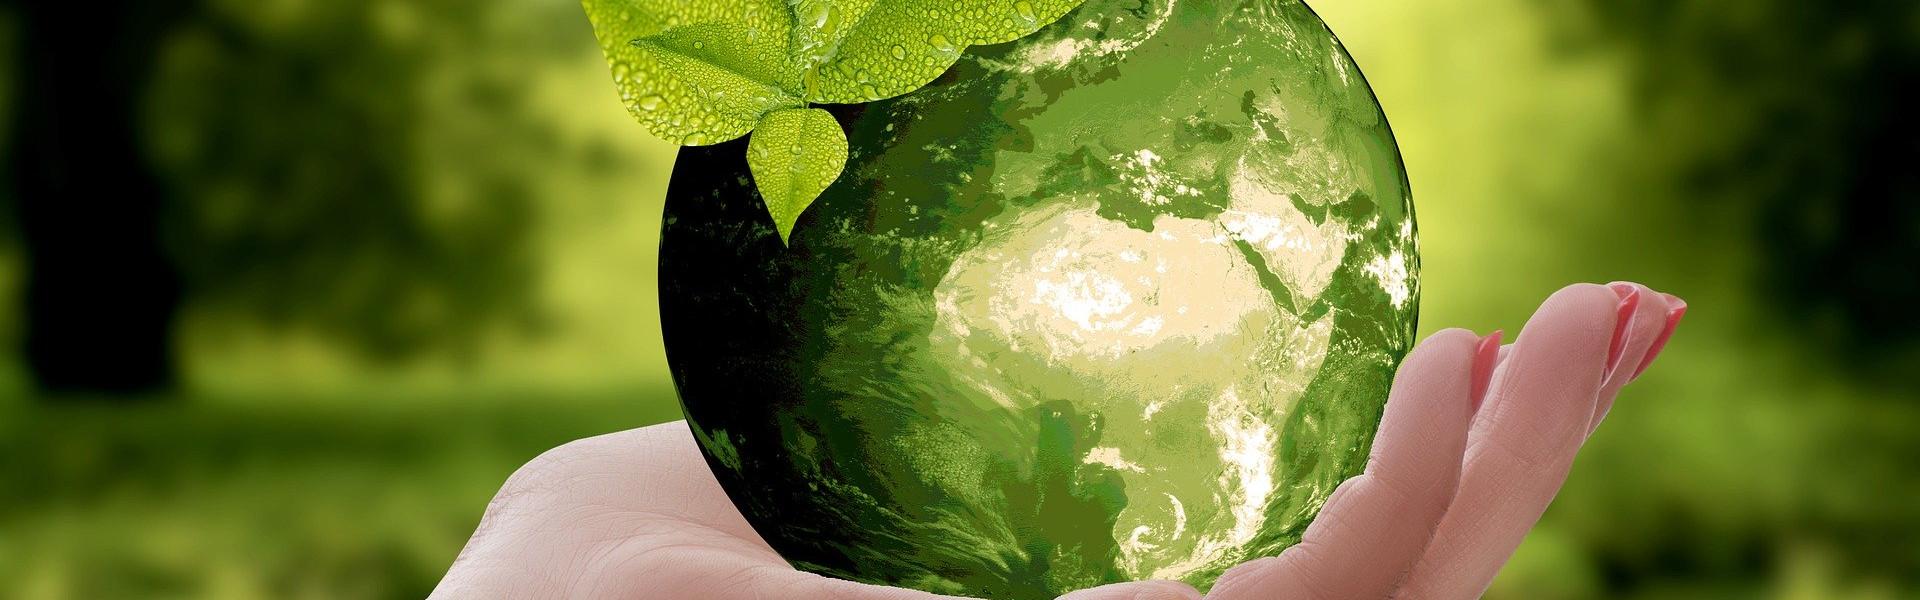 Gerenciamento de Resíduos Classes I, IIA e IIB.- DDN Gestão de resíduos - Reciclagem de Lâmpadas Fluorescentes e LED em Balneário Camboriú, Camboriú, Itajaí, Itapema e região.